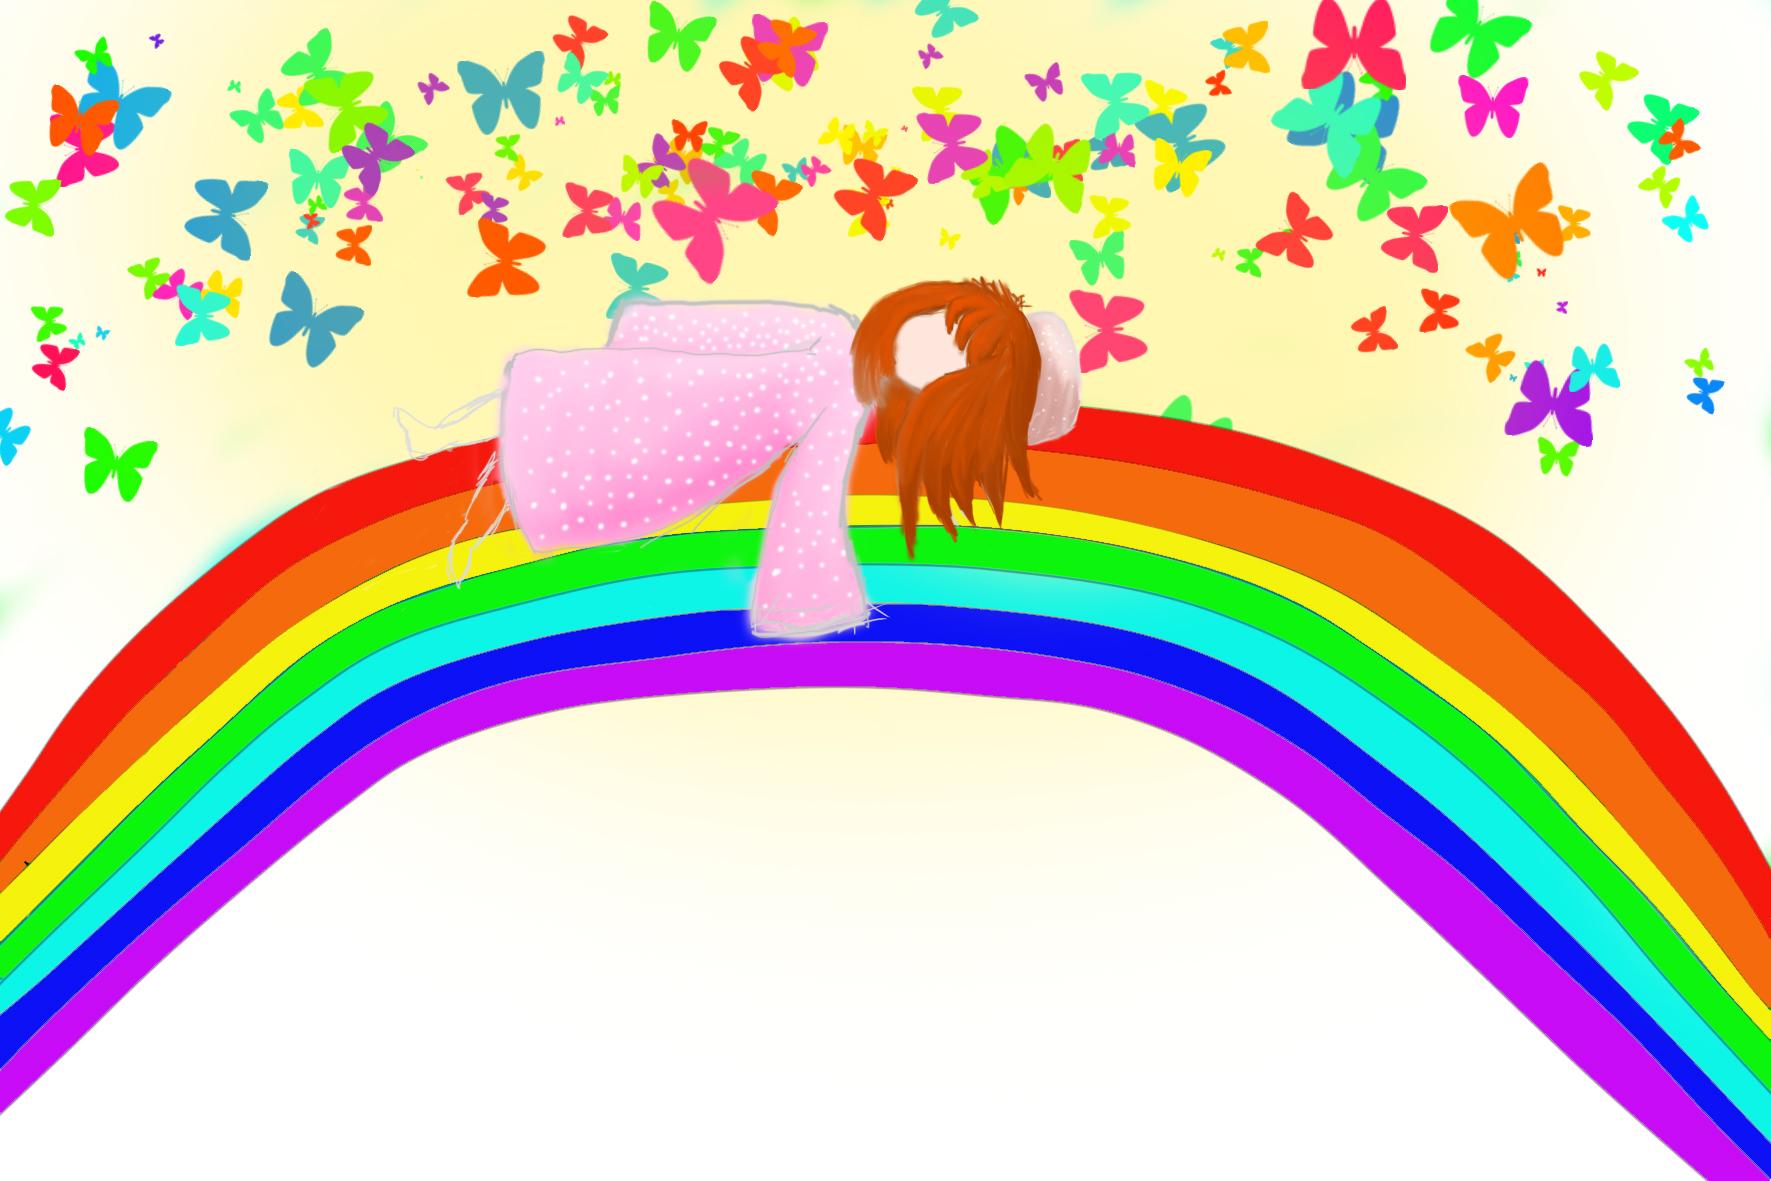 восточные сладости радуга интересов картинка богу, живем